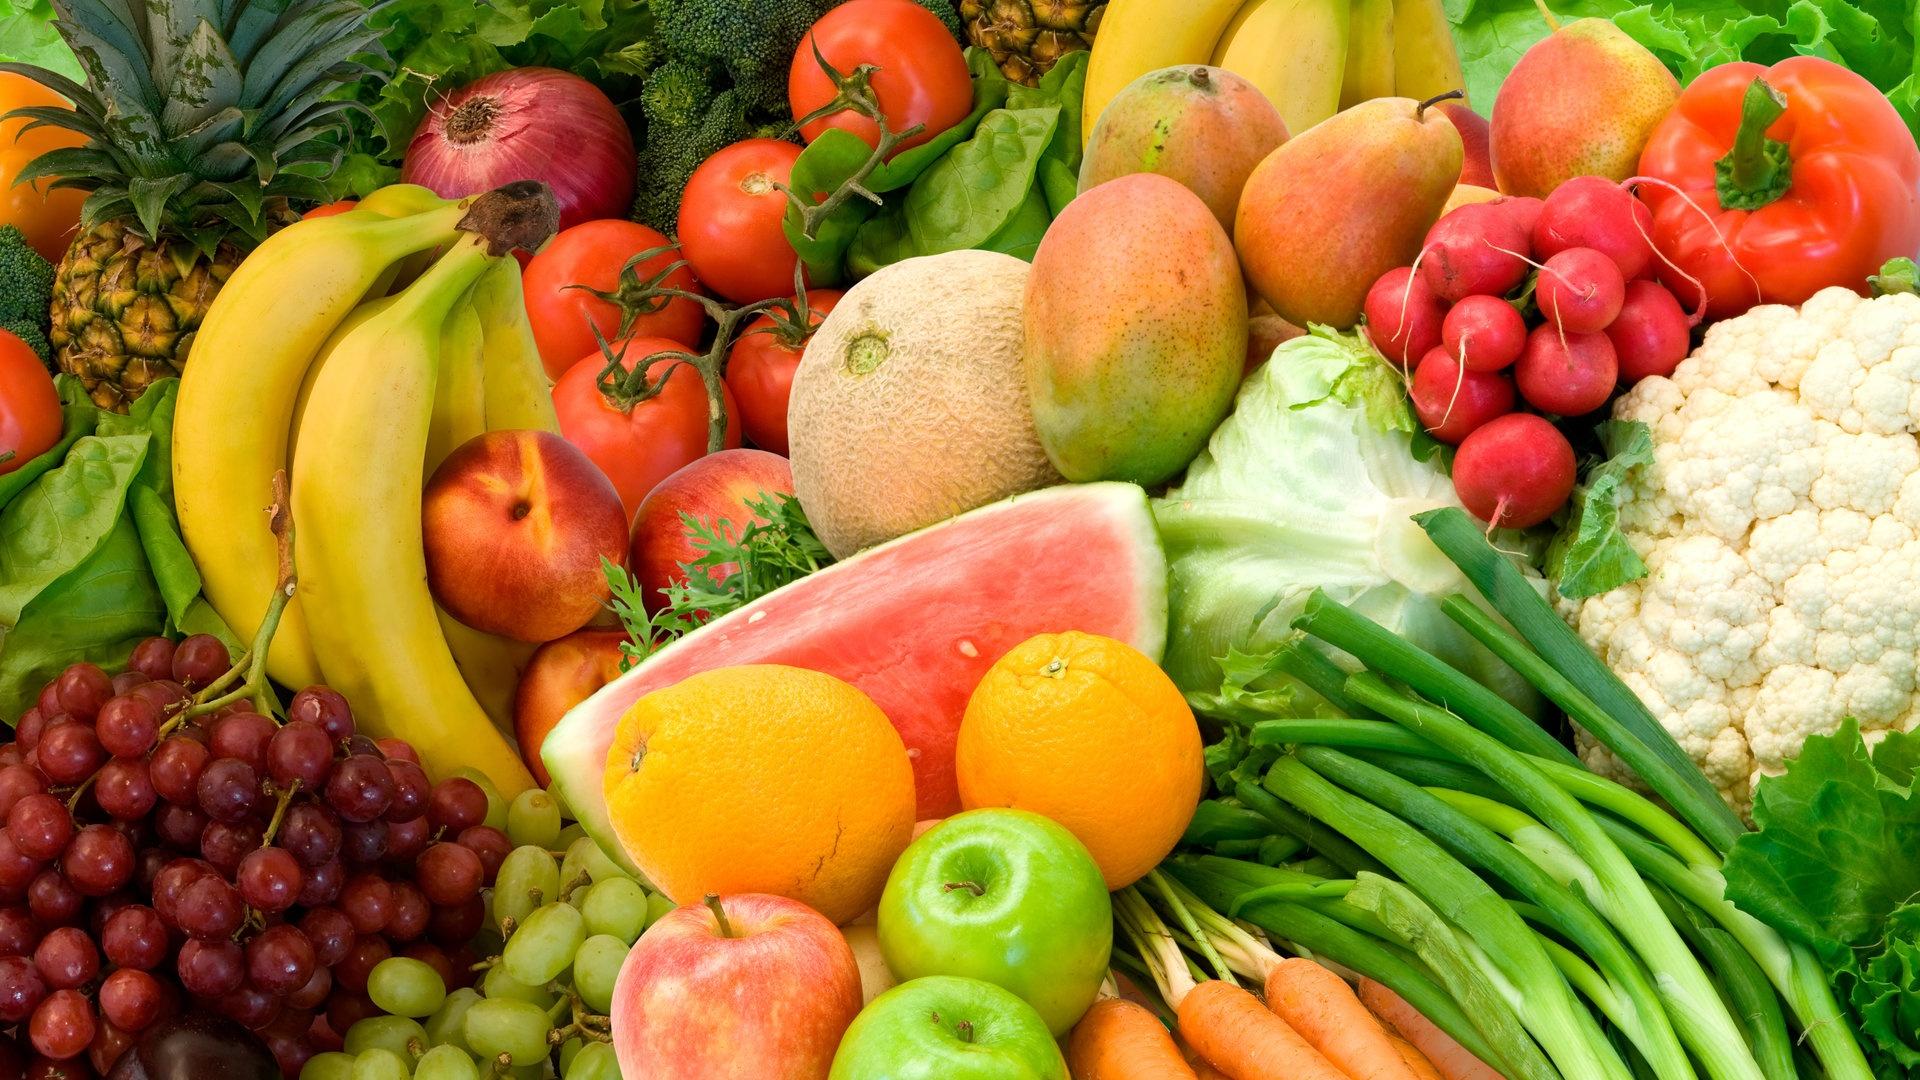 Makan Sayur-sayuran Dan Buah